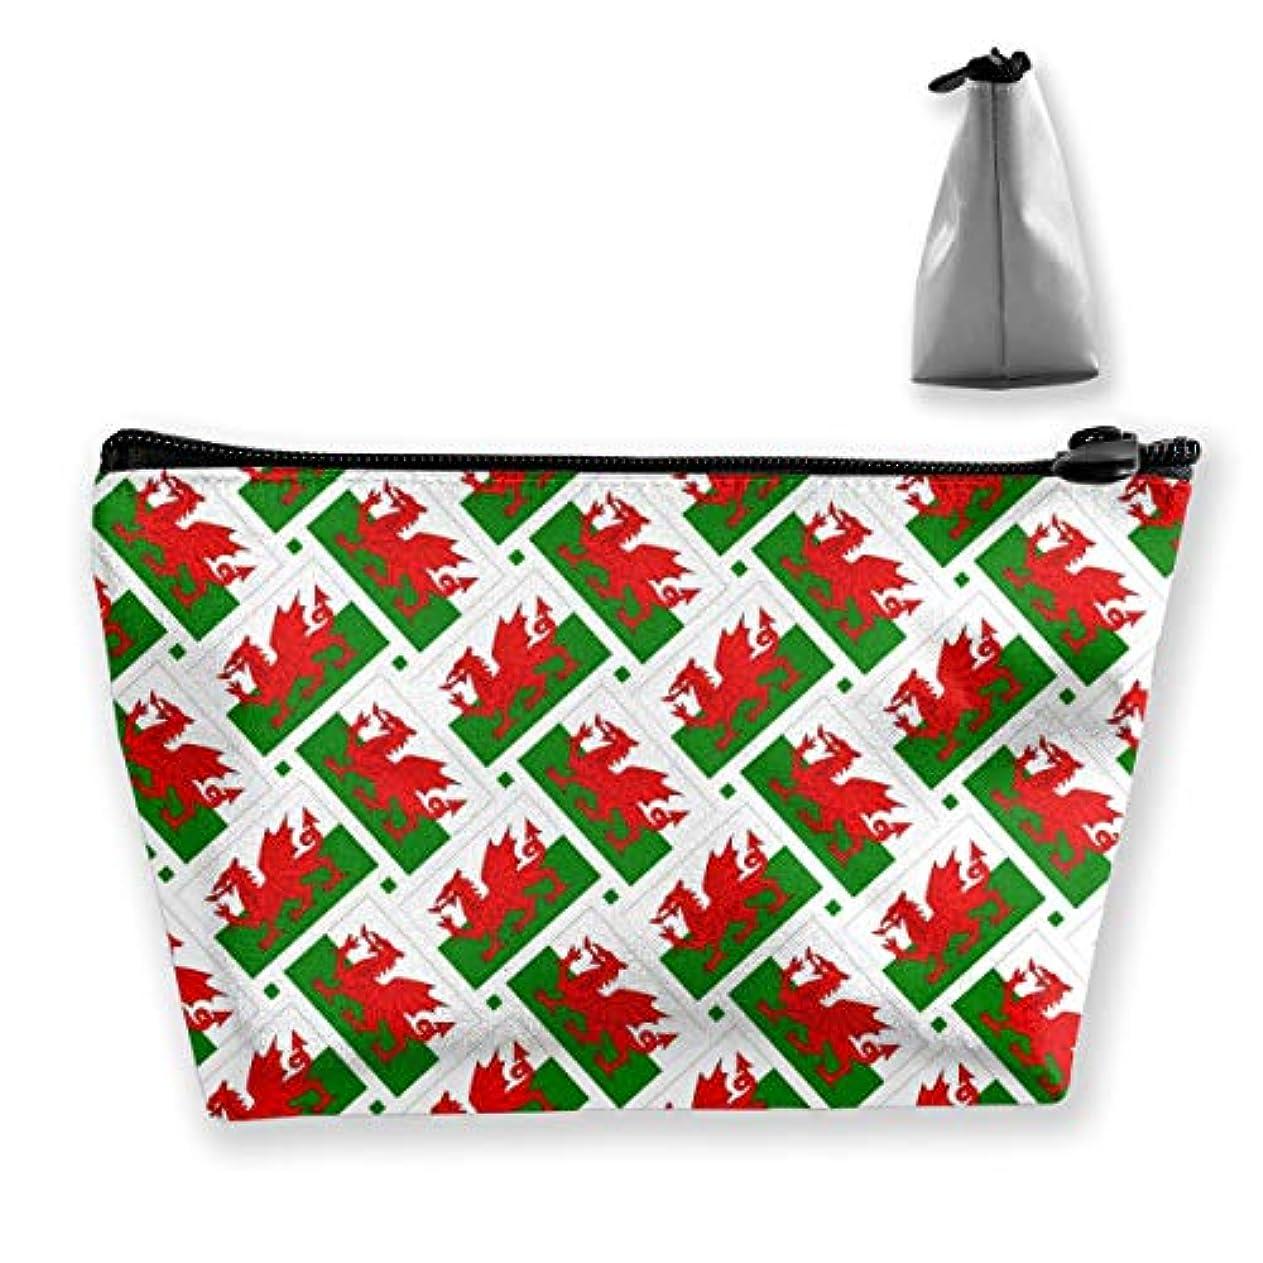 ほのめかすショルダー煙ウェールズの旗 化粧ポーチ メイクポーチ ミニ 財布 機能的 大容量 ポータブル 収納 小物入れ 普段使い 出張 旅行 ビーチサイド旅行